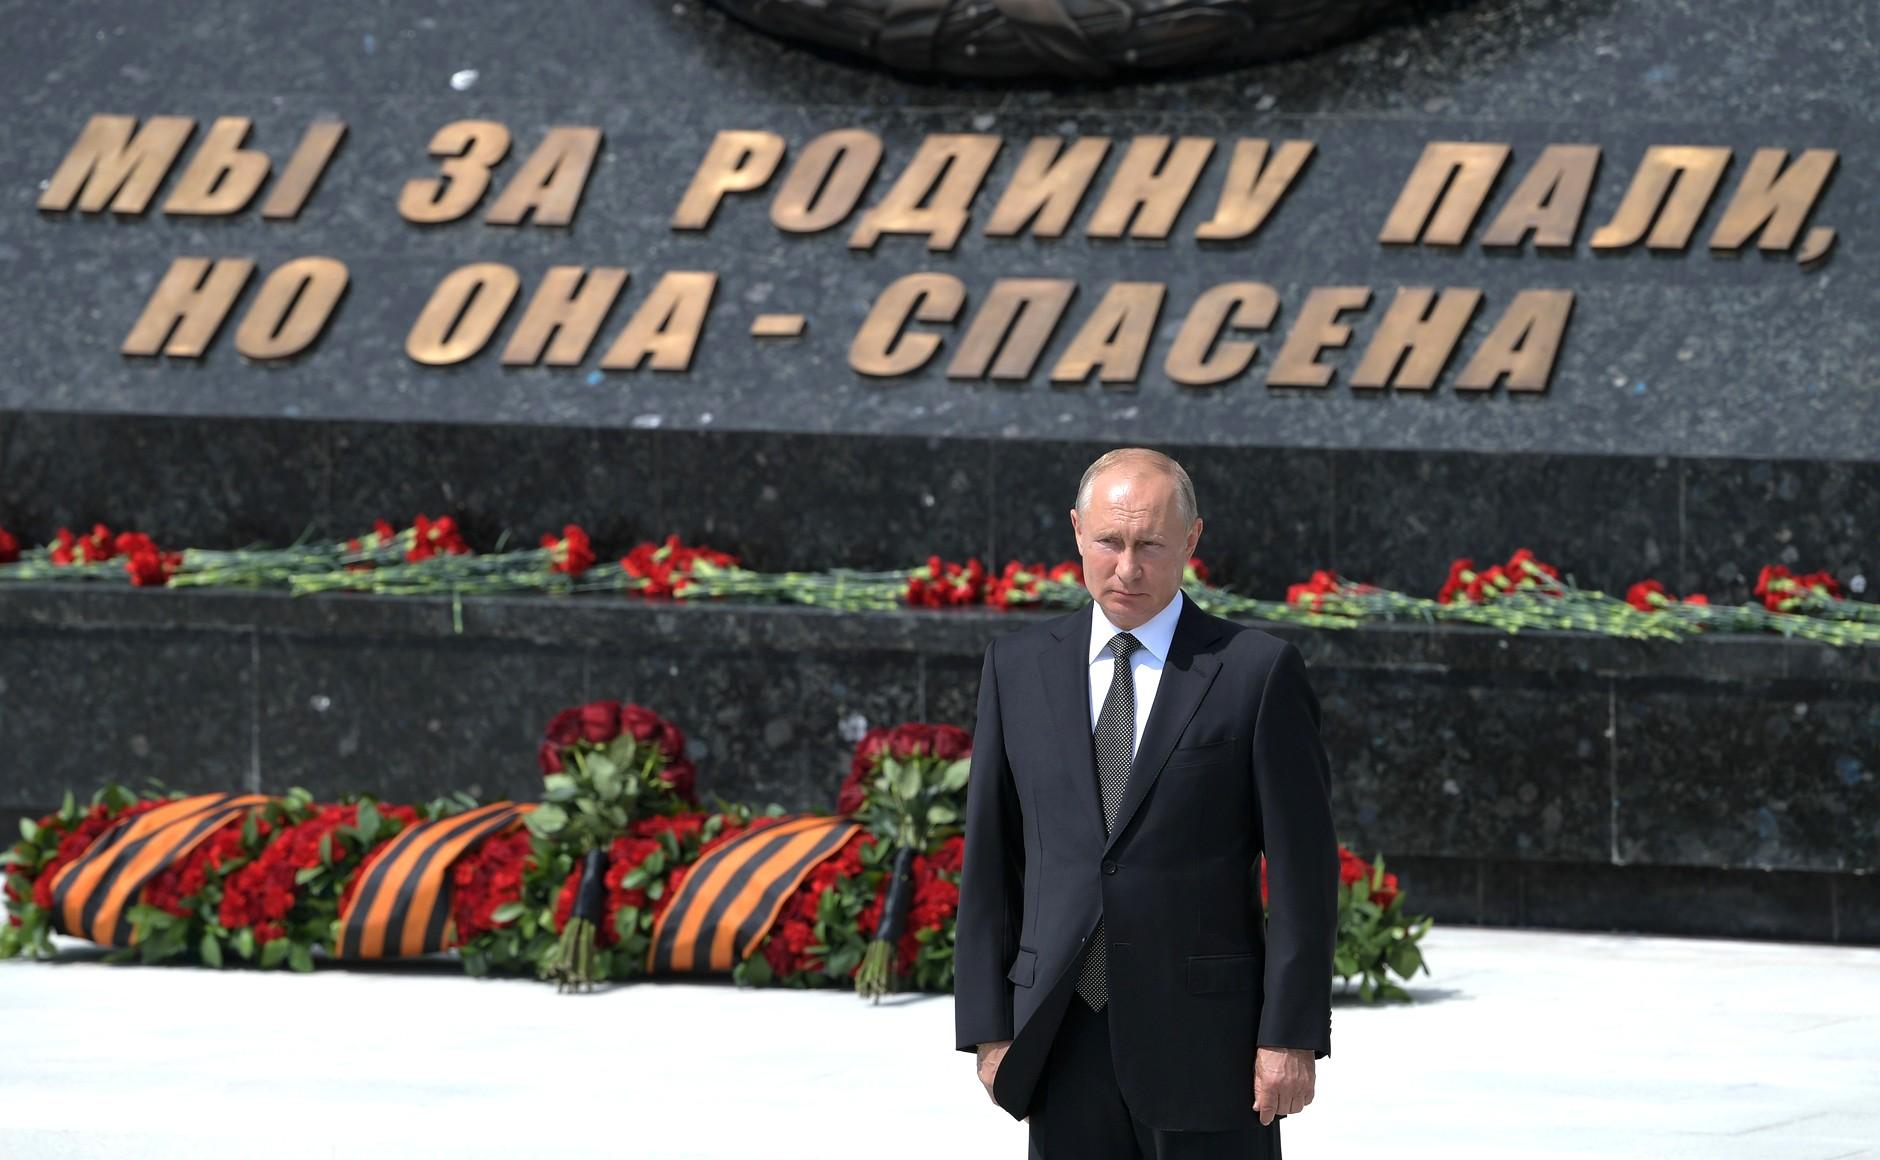 Владимир Путин обратился к поисковикам, развернувшим лагерь в Тверской области